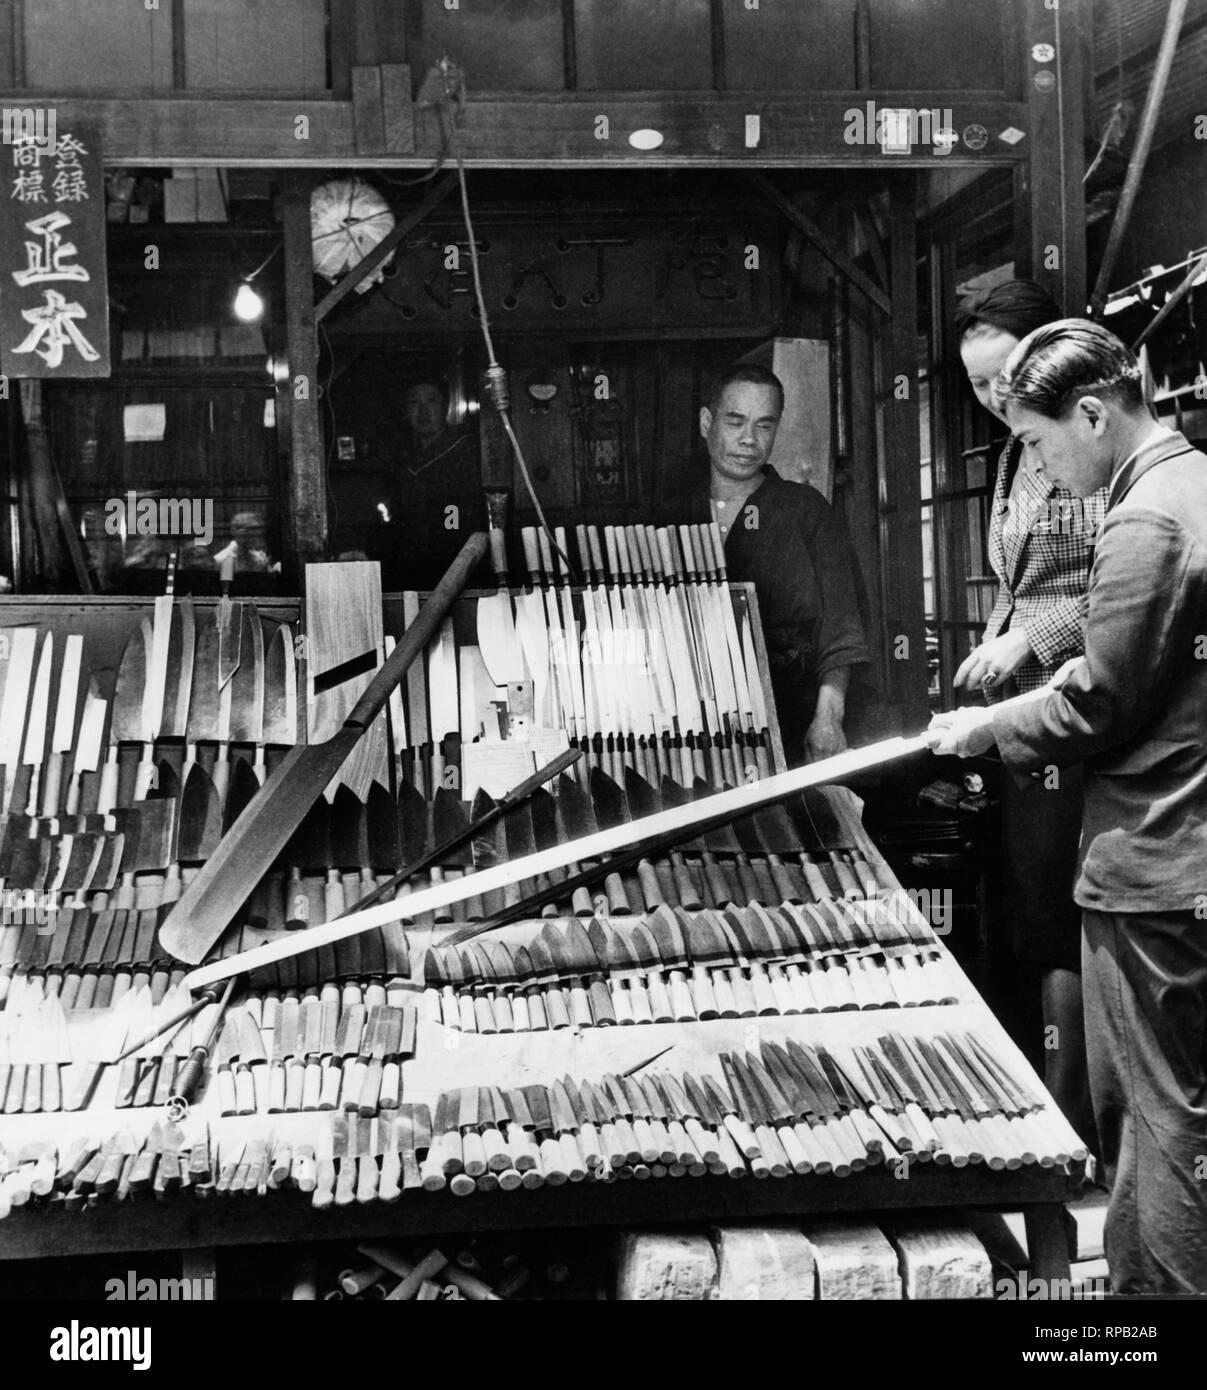 japan, tokyo, a seller of knives in the fish market tsukiji, 1953 - Stock Image